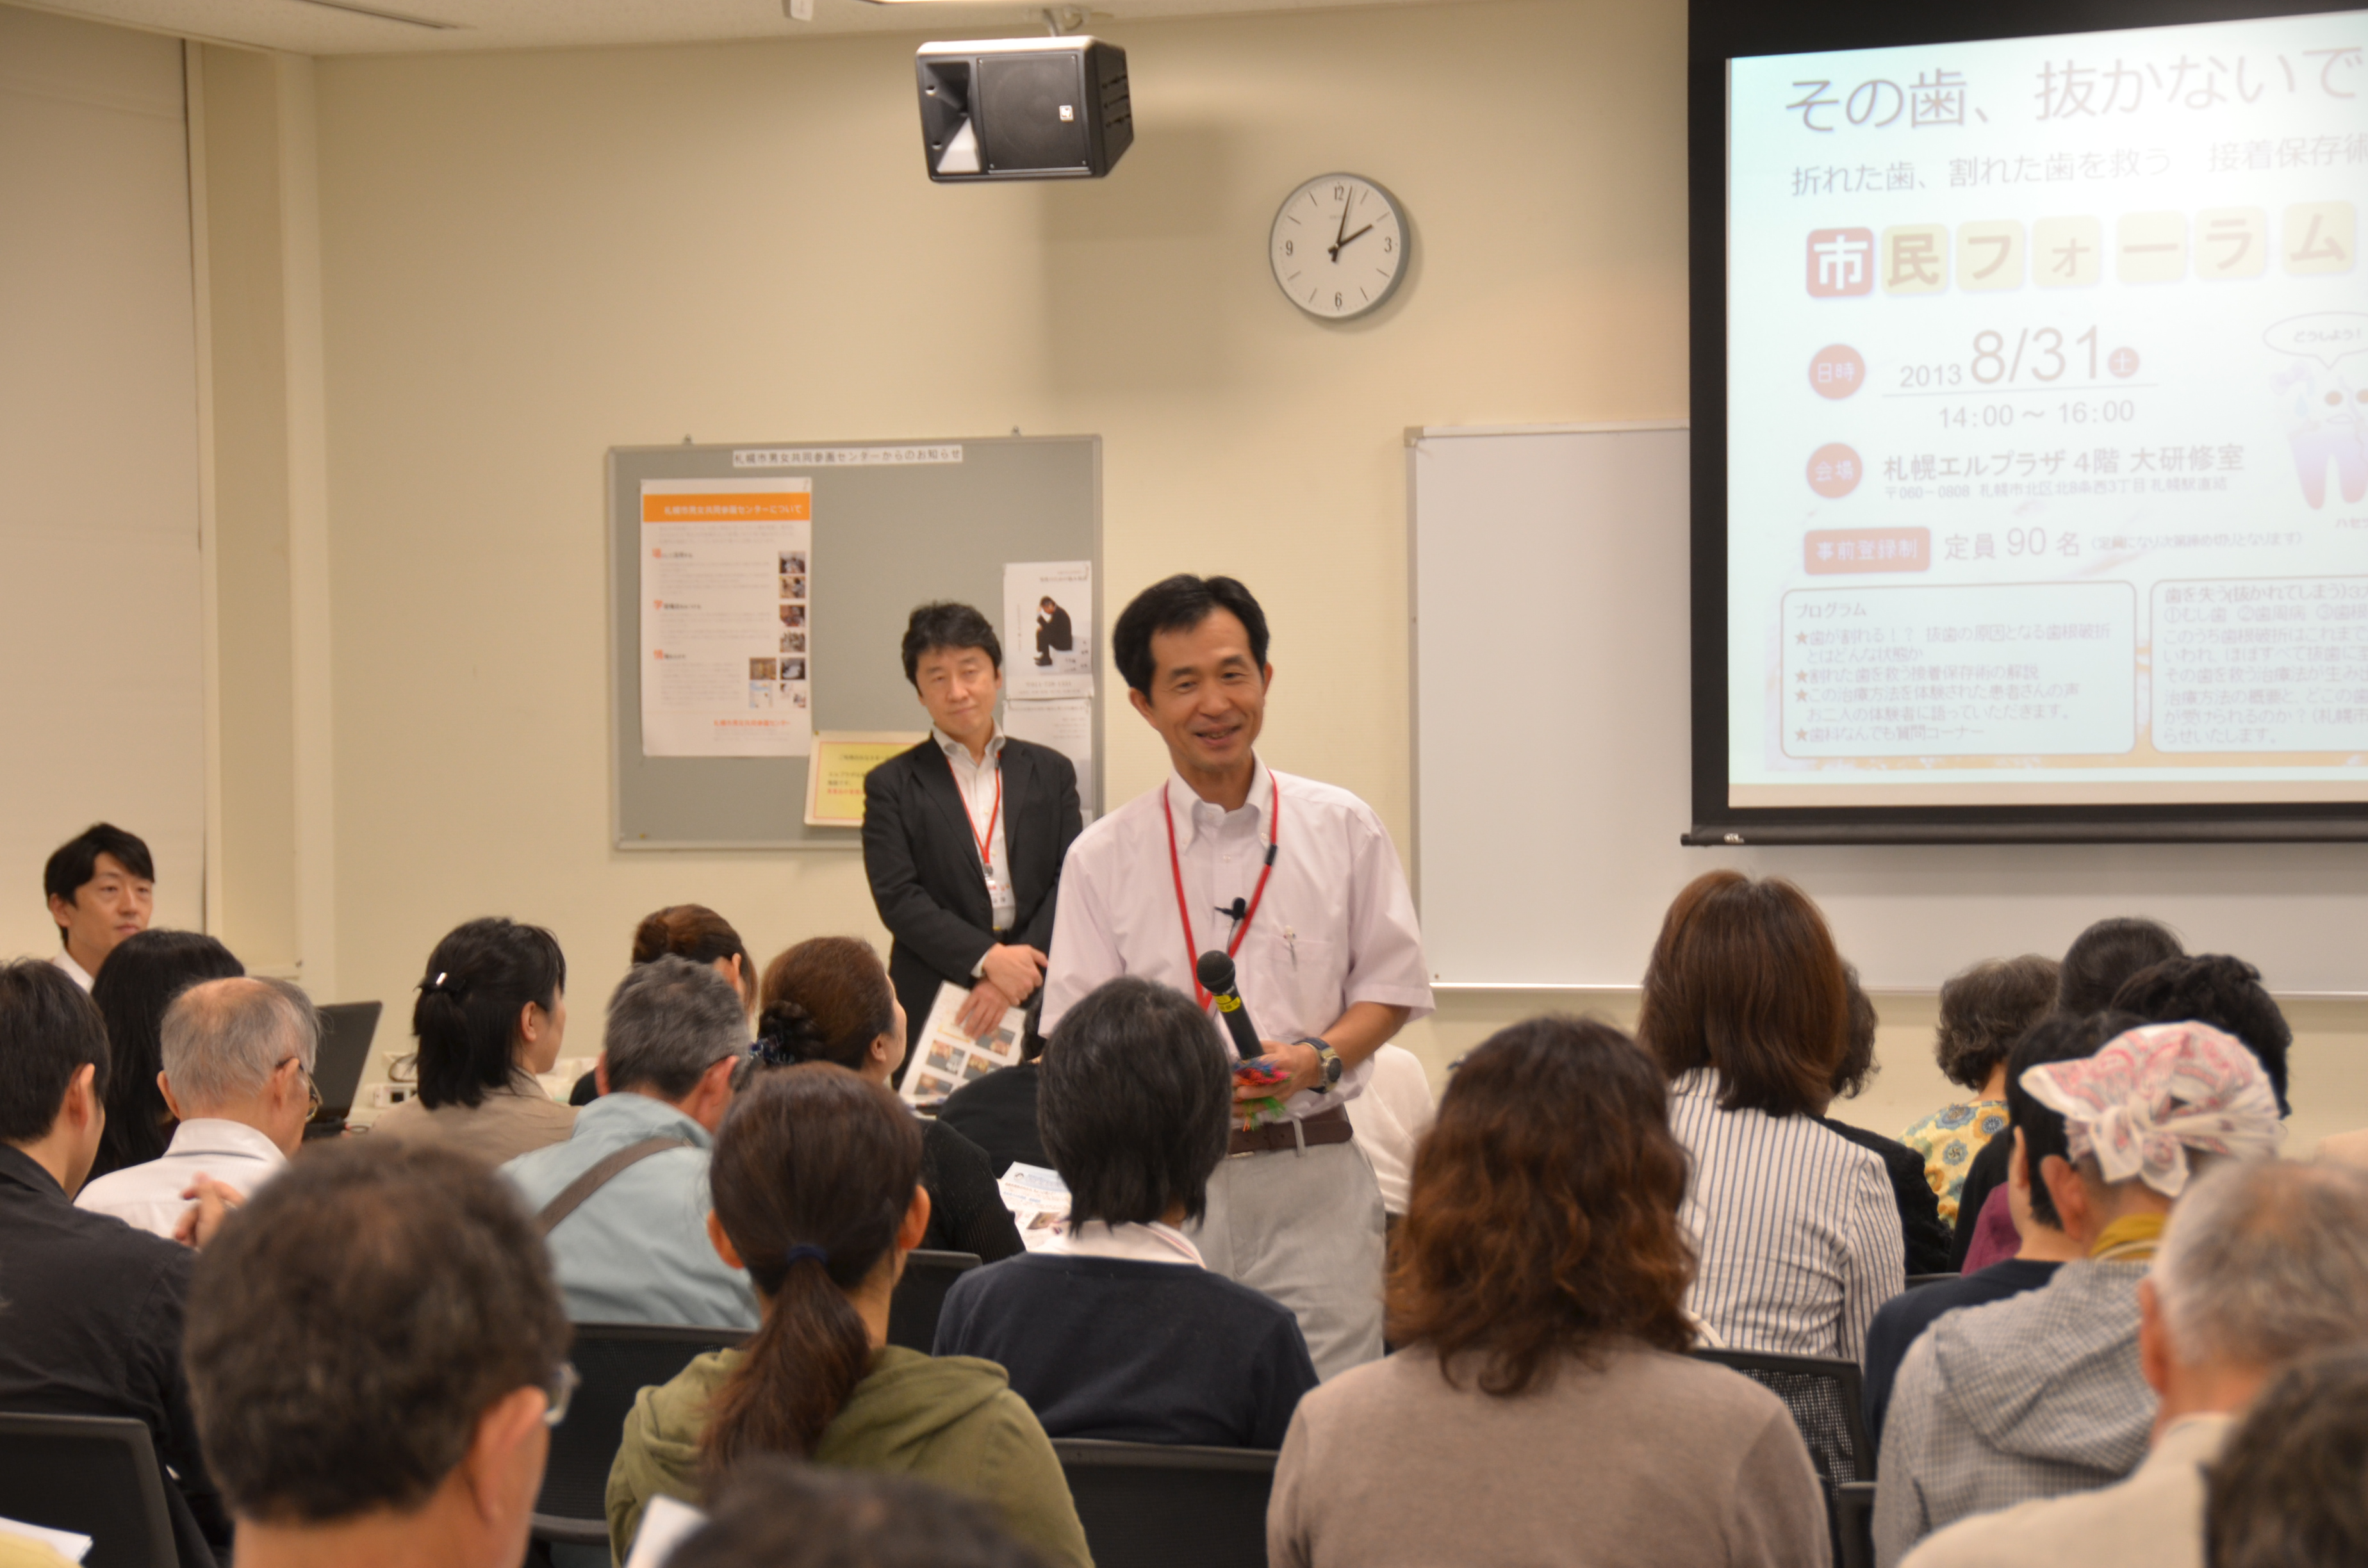 PDM札幌の市民フォーラムの始まり